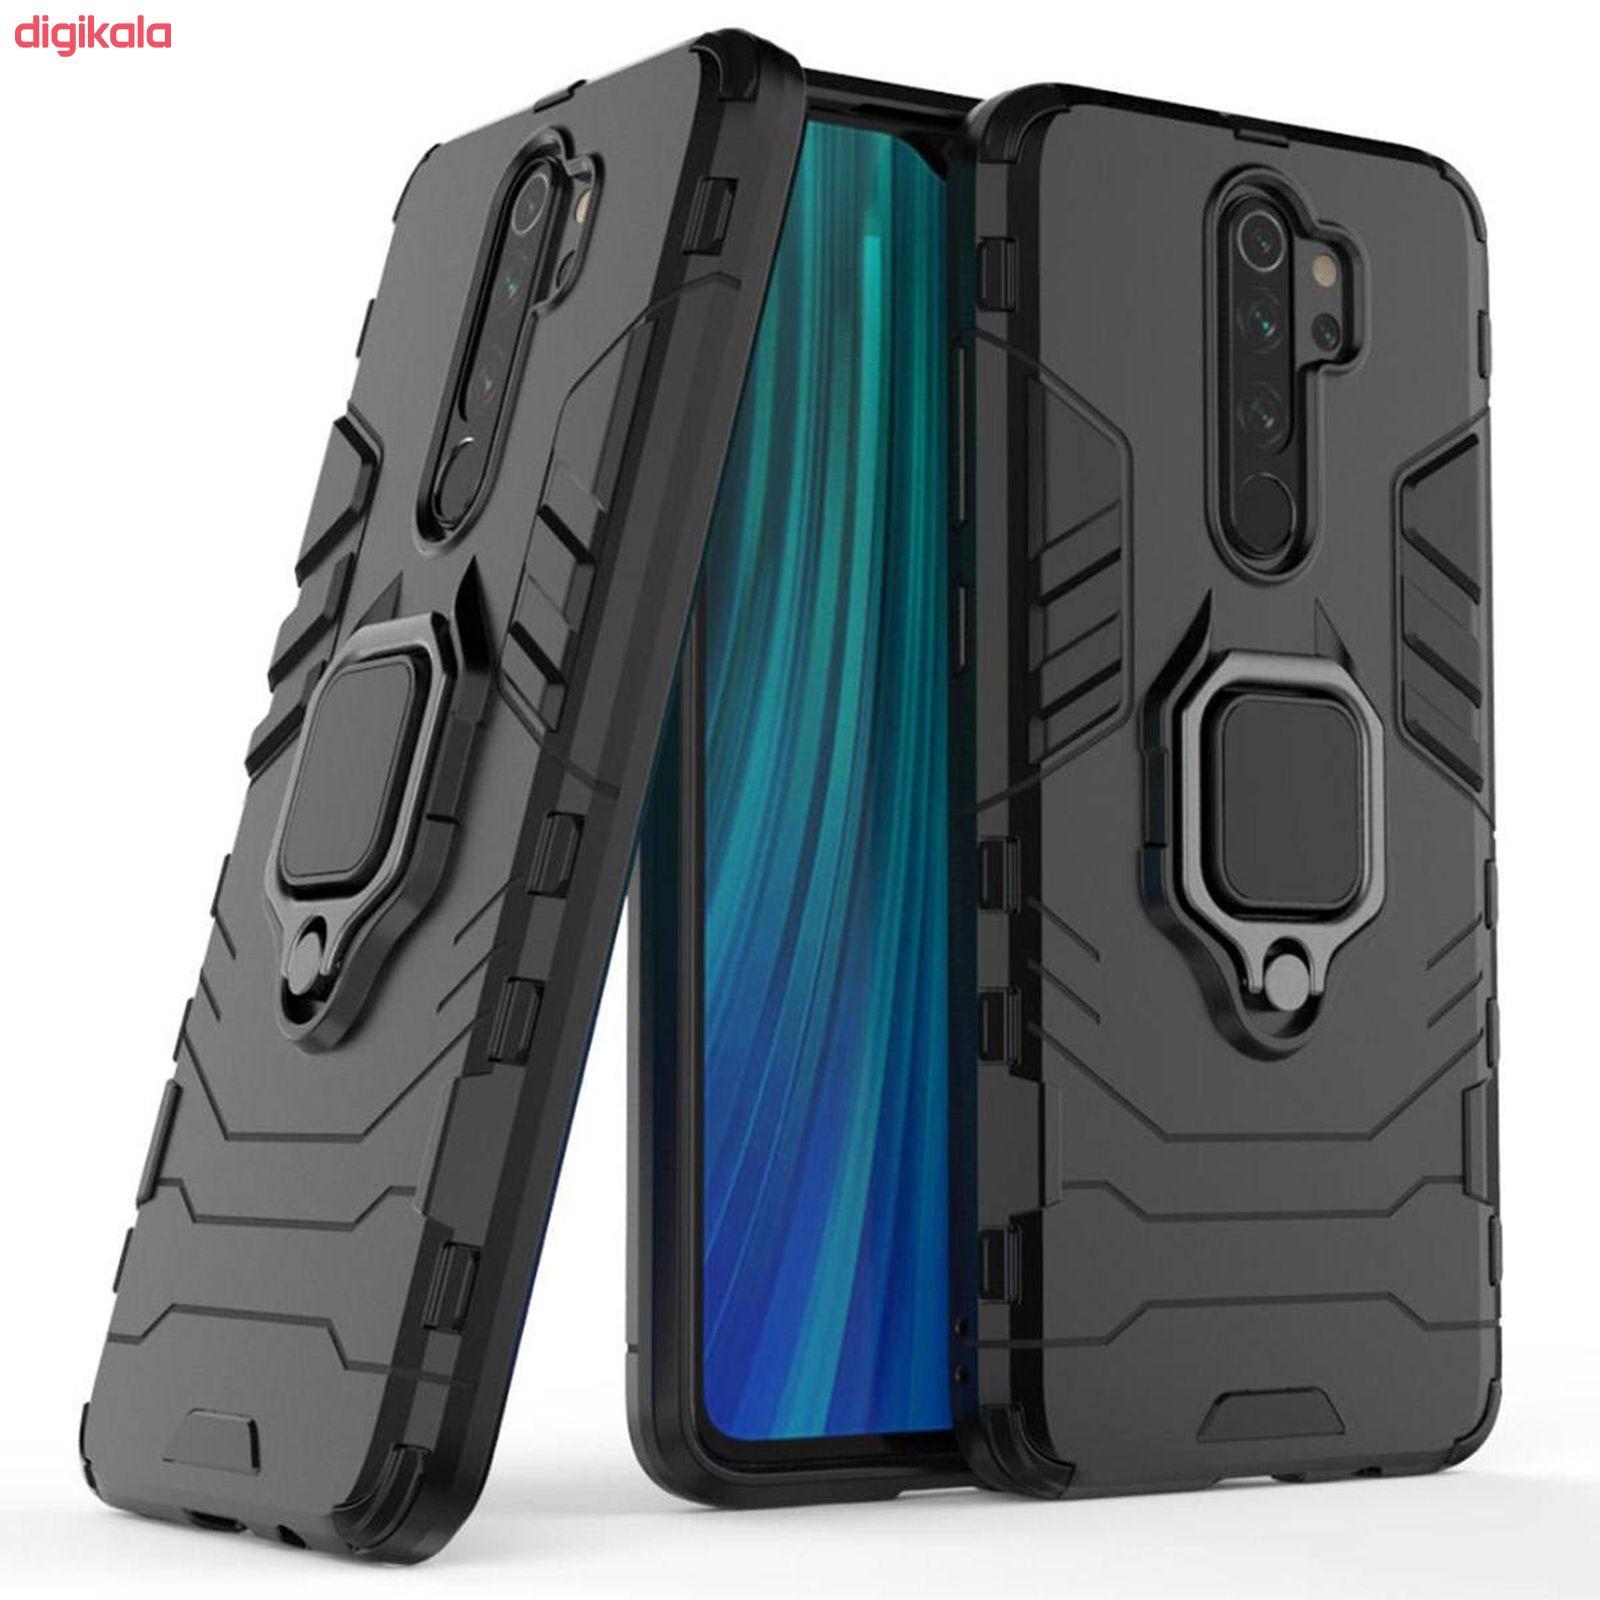 کاور کماندو مدل ASH21 مناسب برای گوشی موبایل شیائومی Redmi Note 8 Pro main 1 8